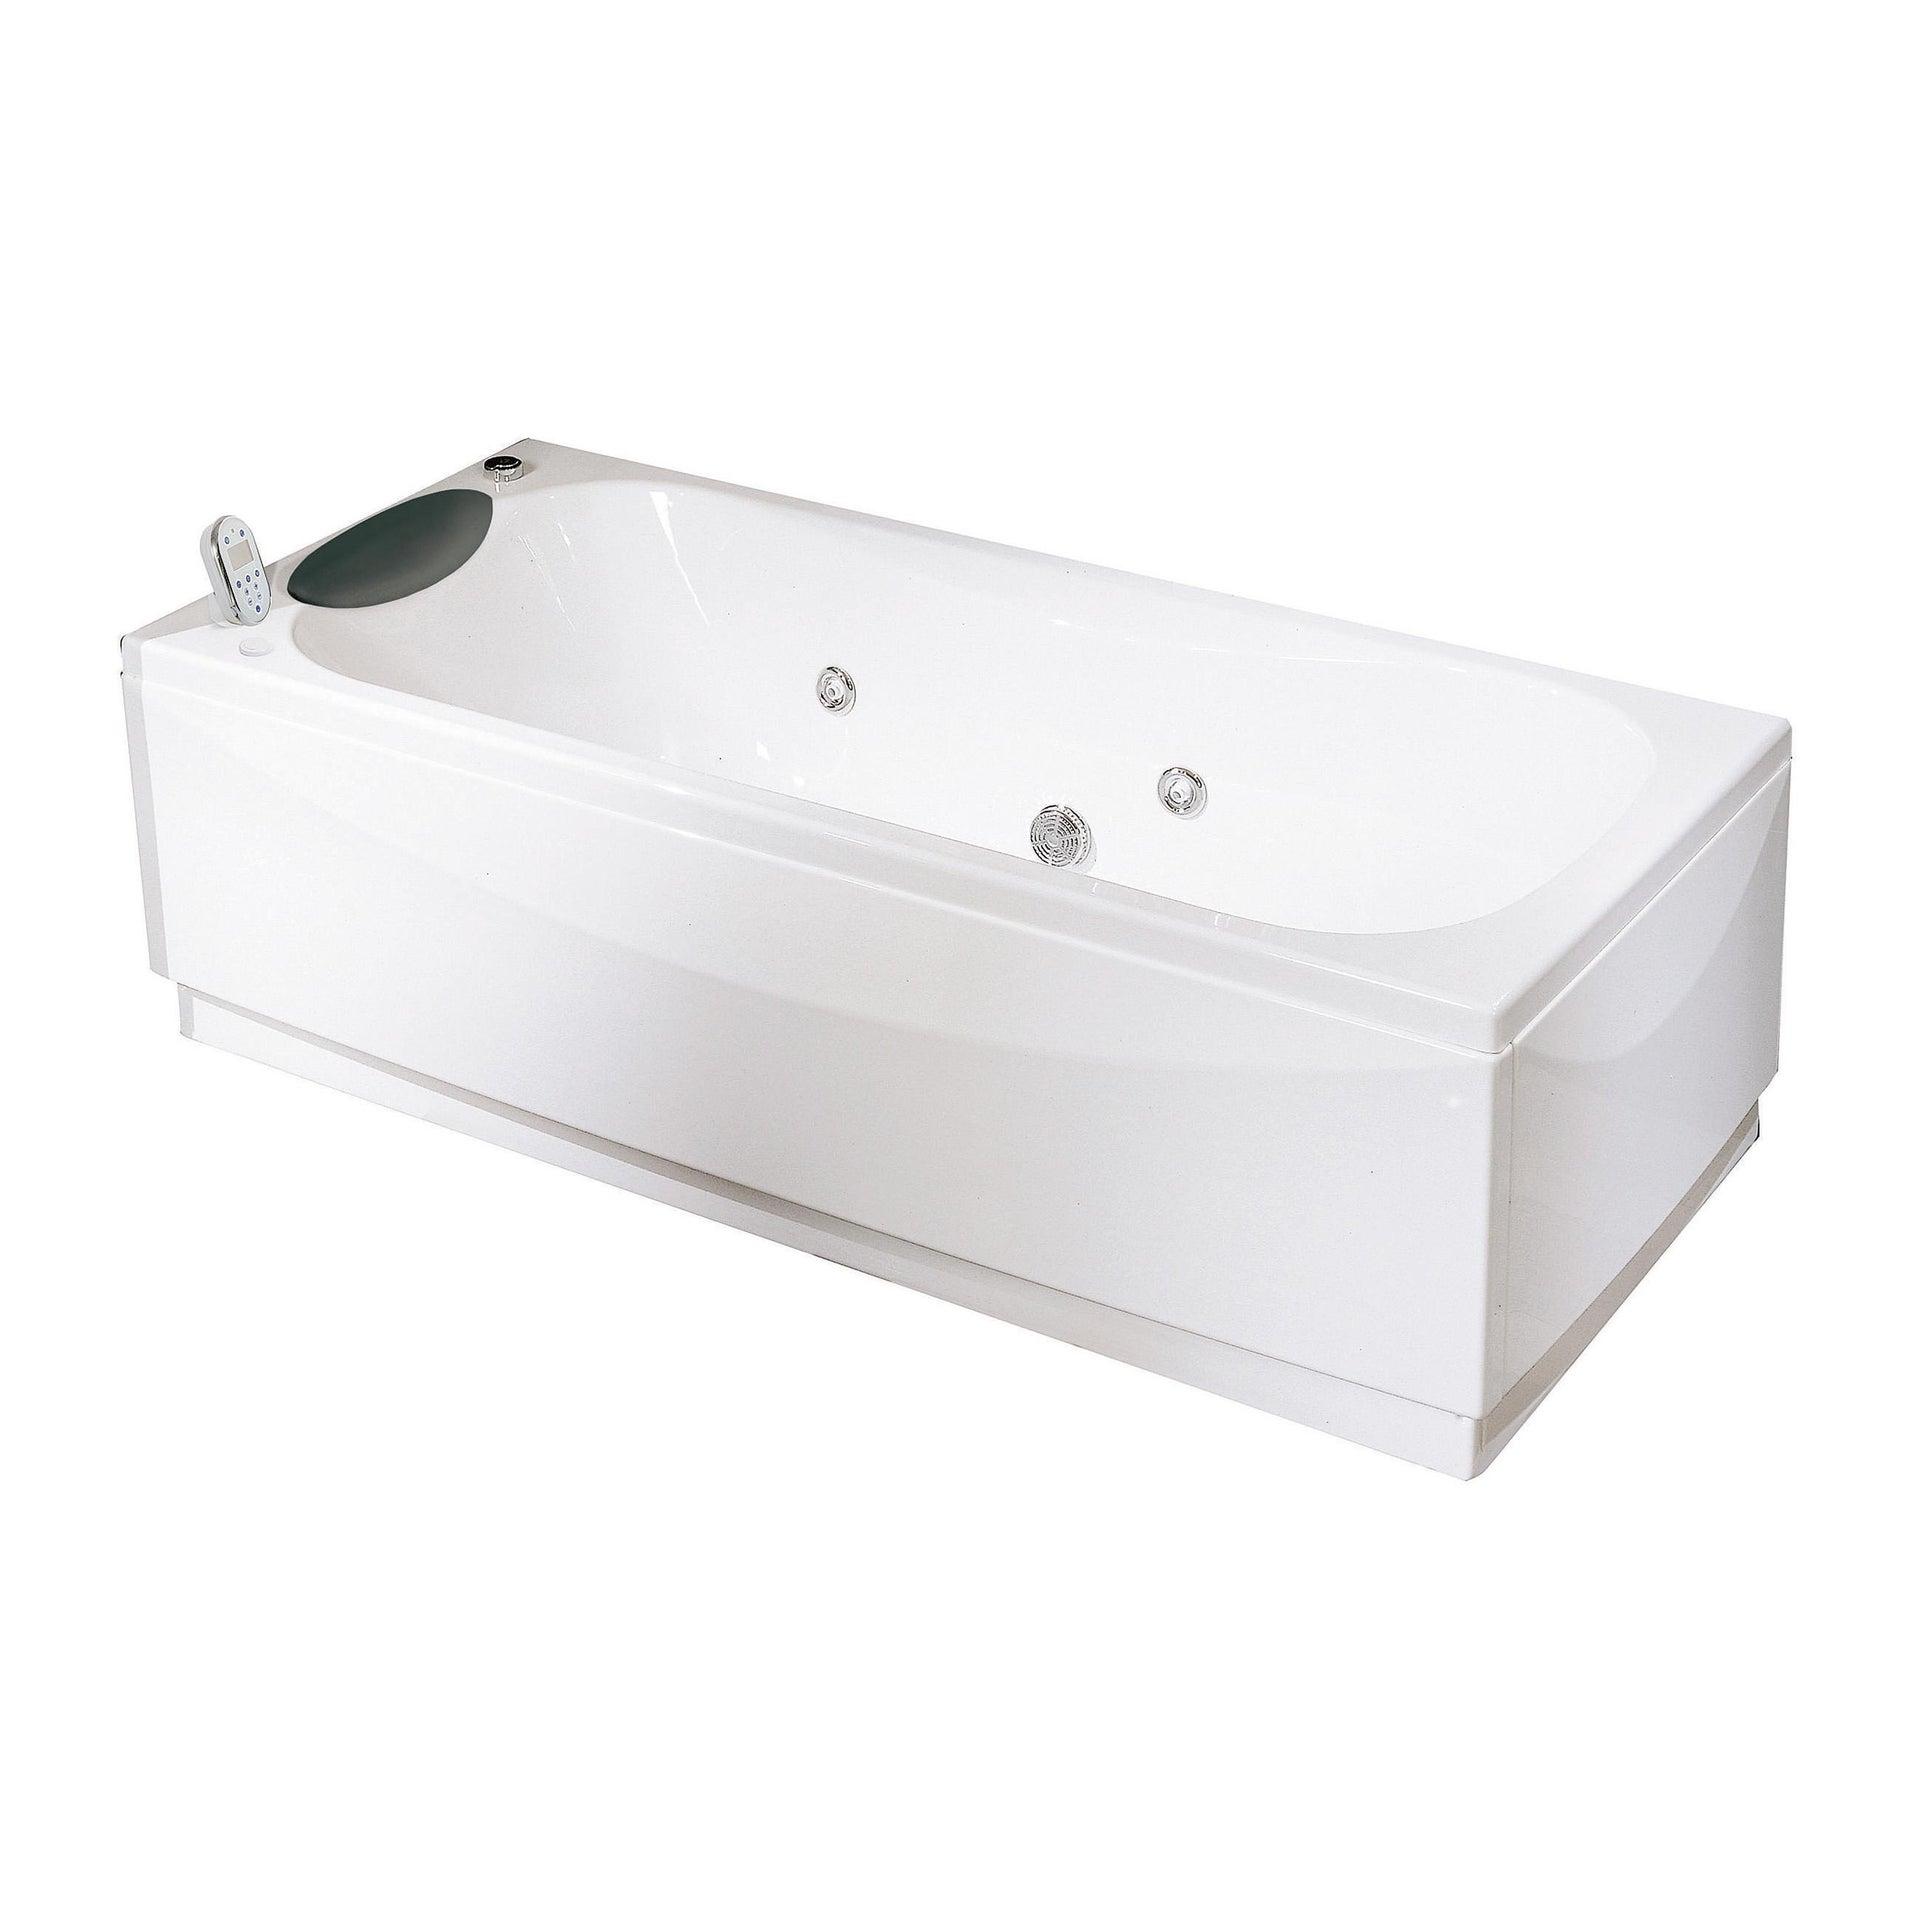 Vasca idromassaggio rettangolare Egeria,bianco ,170, 75 cm, 18 bocchette, - 2